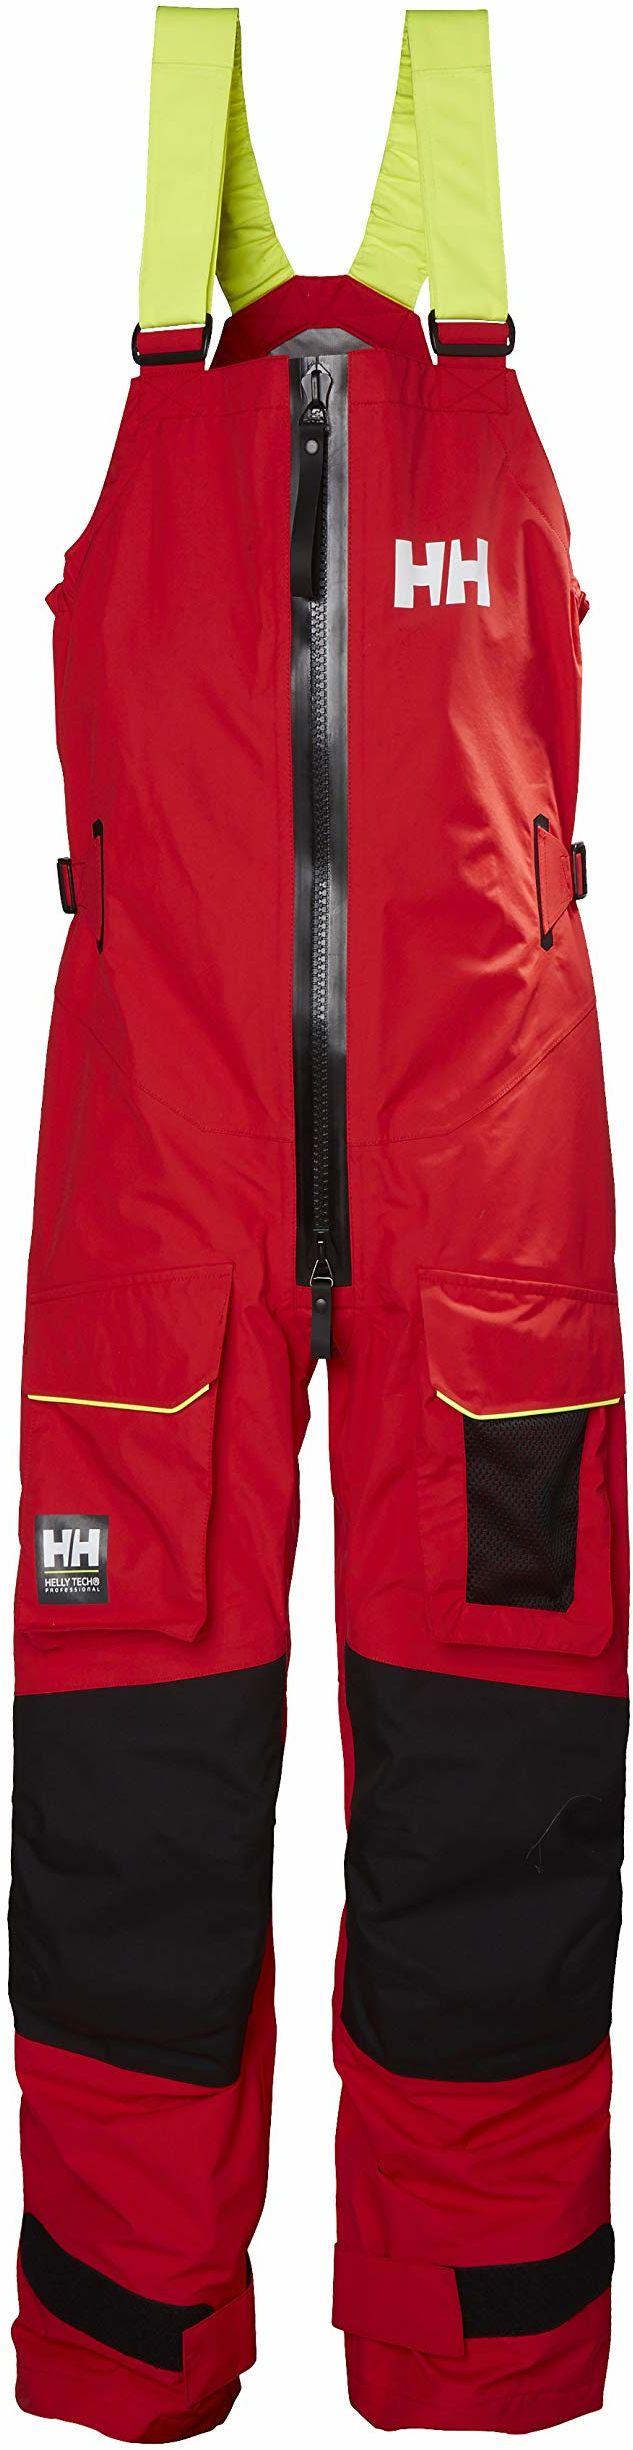 Helly Hansen Aegir Ocean męskie spodnie przeciwdeszczowe, czerwone, L